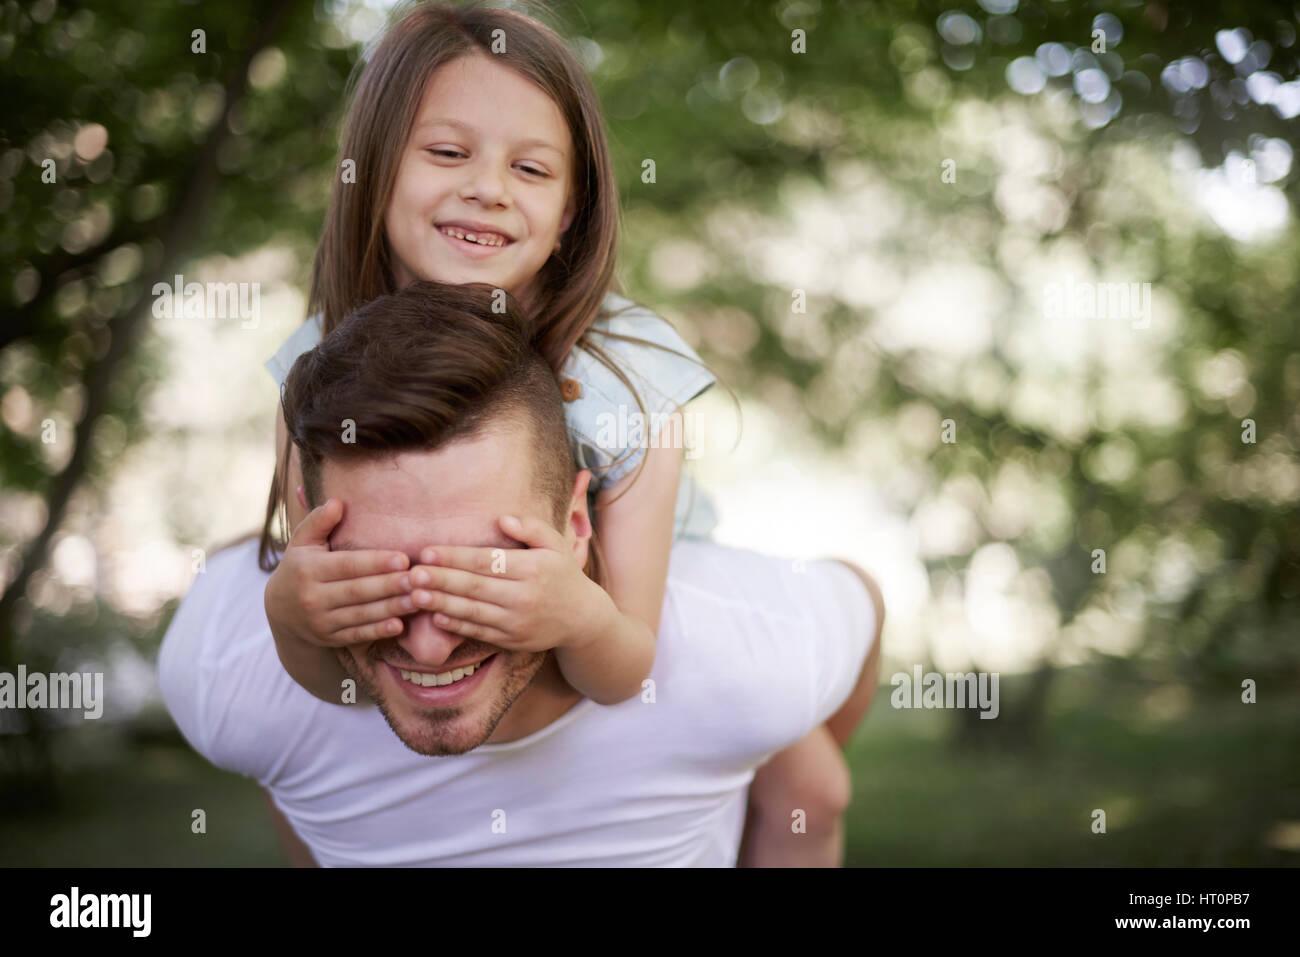 Giocando con il papà su aria fresca Immagini Stock